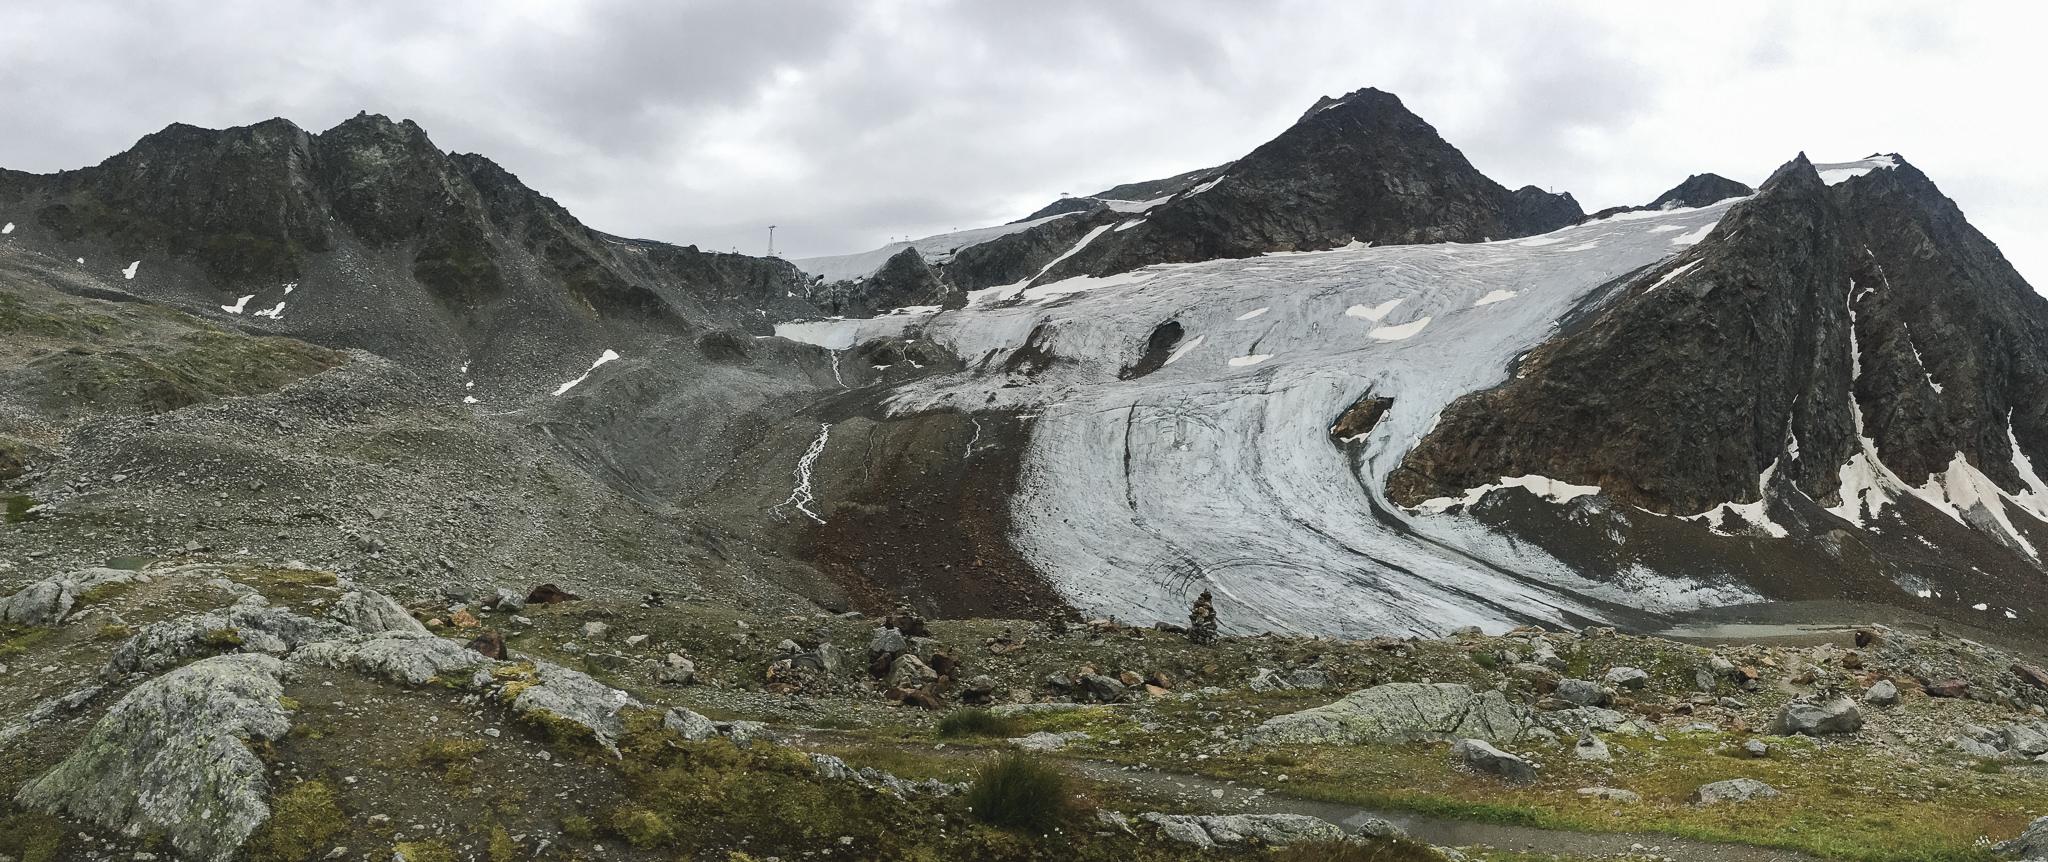 Ausblick auf den Gletscher von der Braunschweiger Hütte